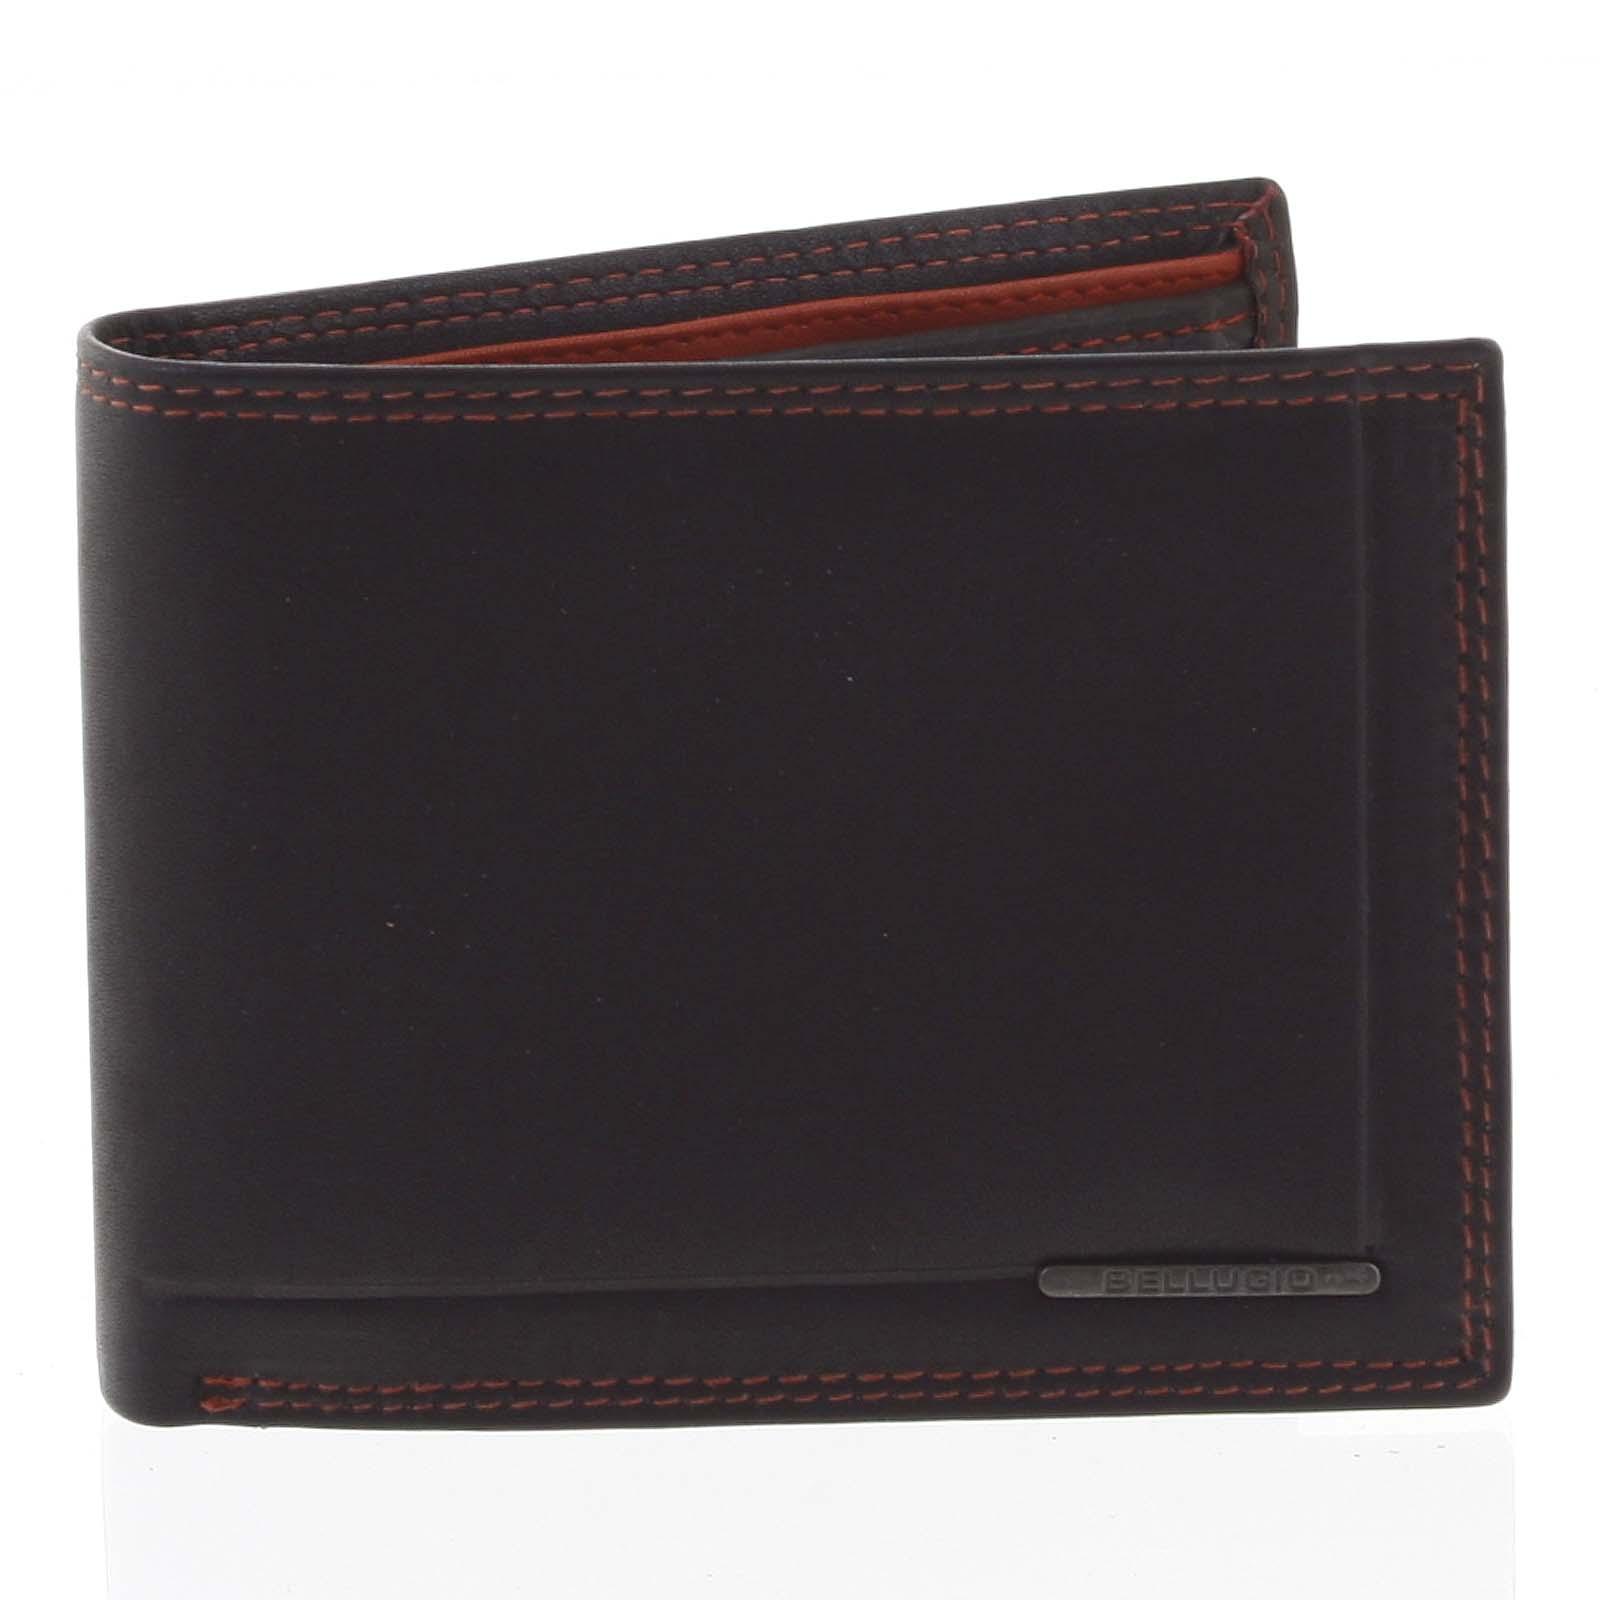 Pánska voľná prešívaná peňaženka čierna - Bellugio Pann